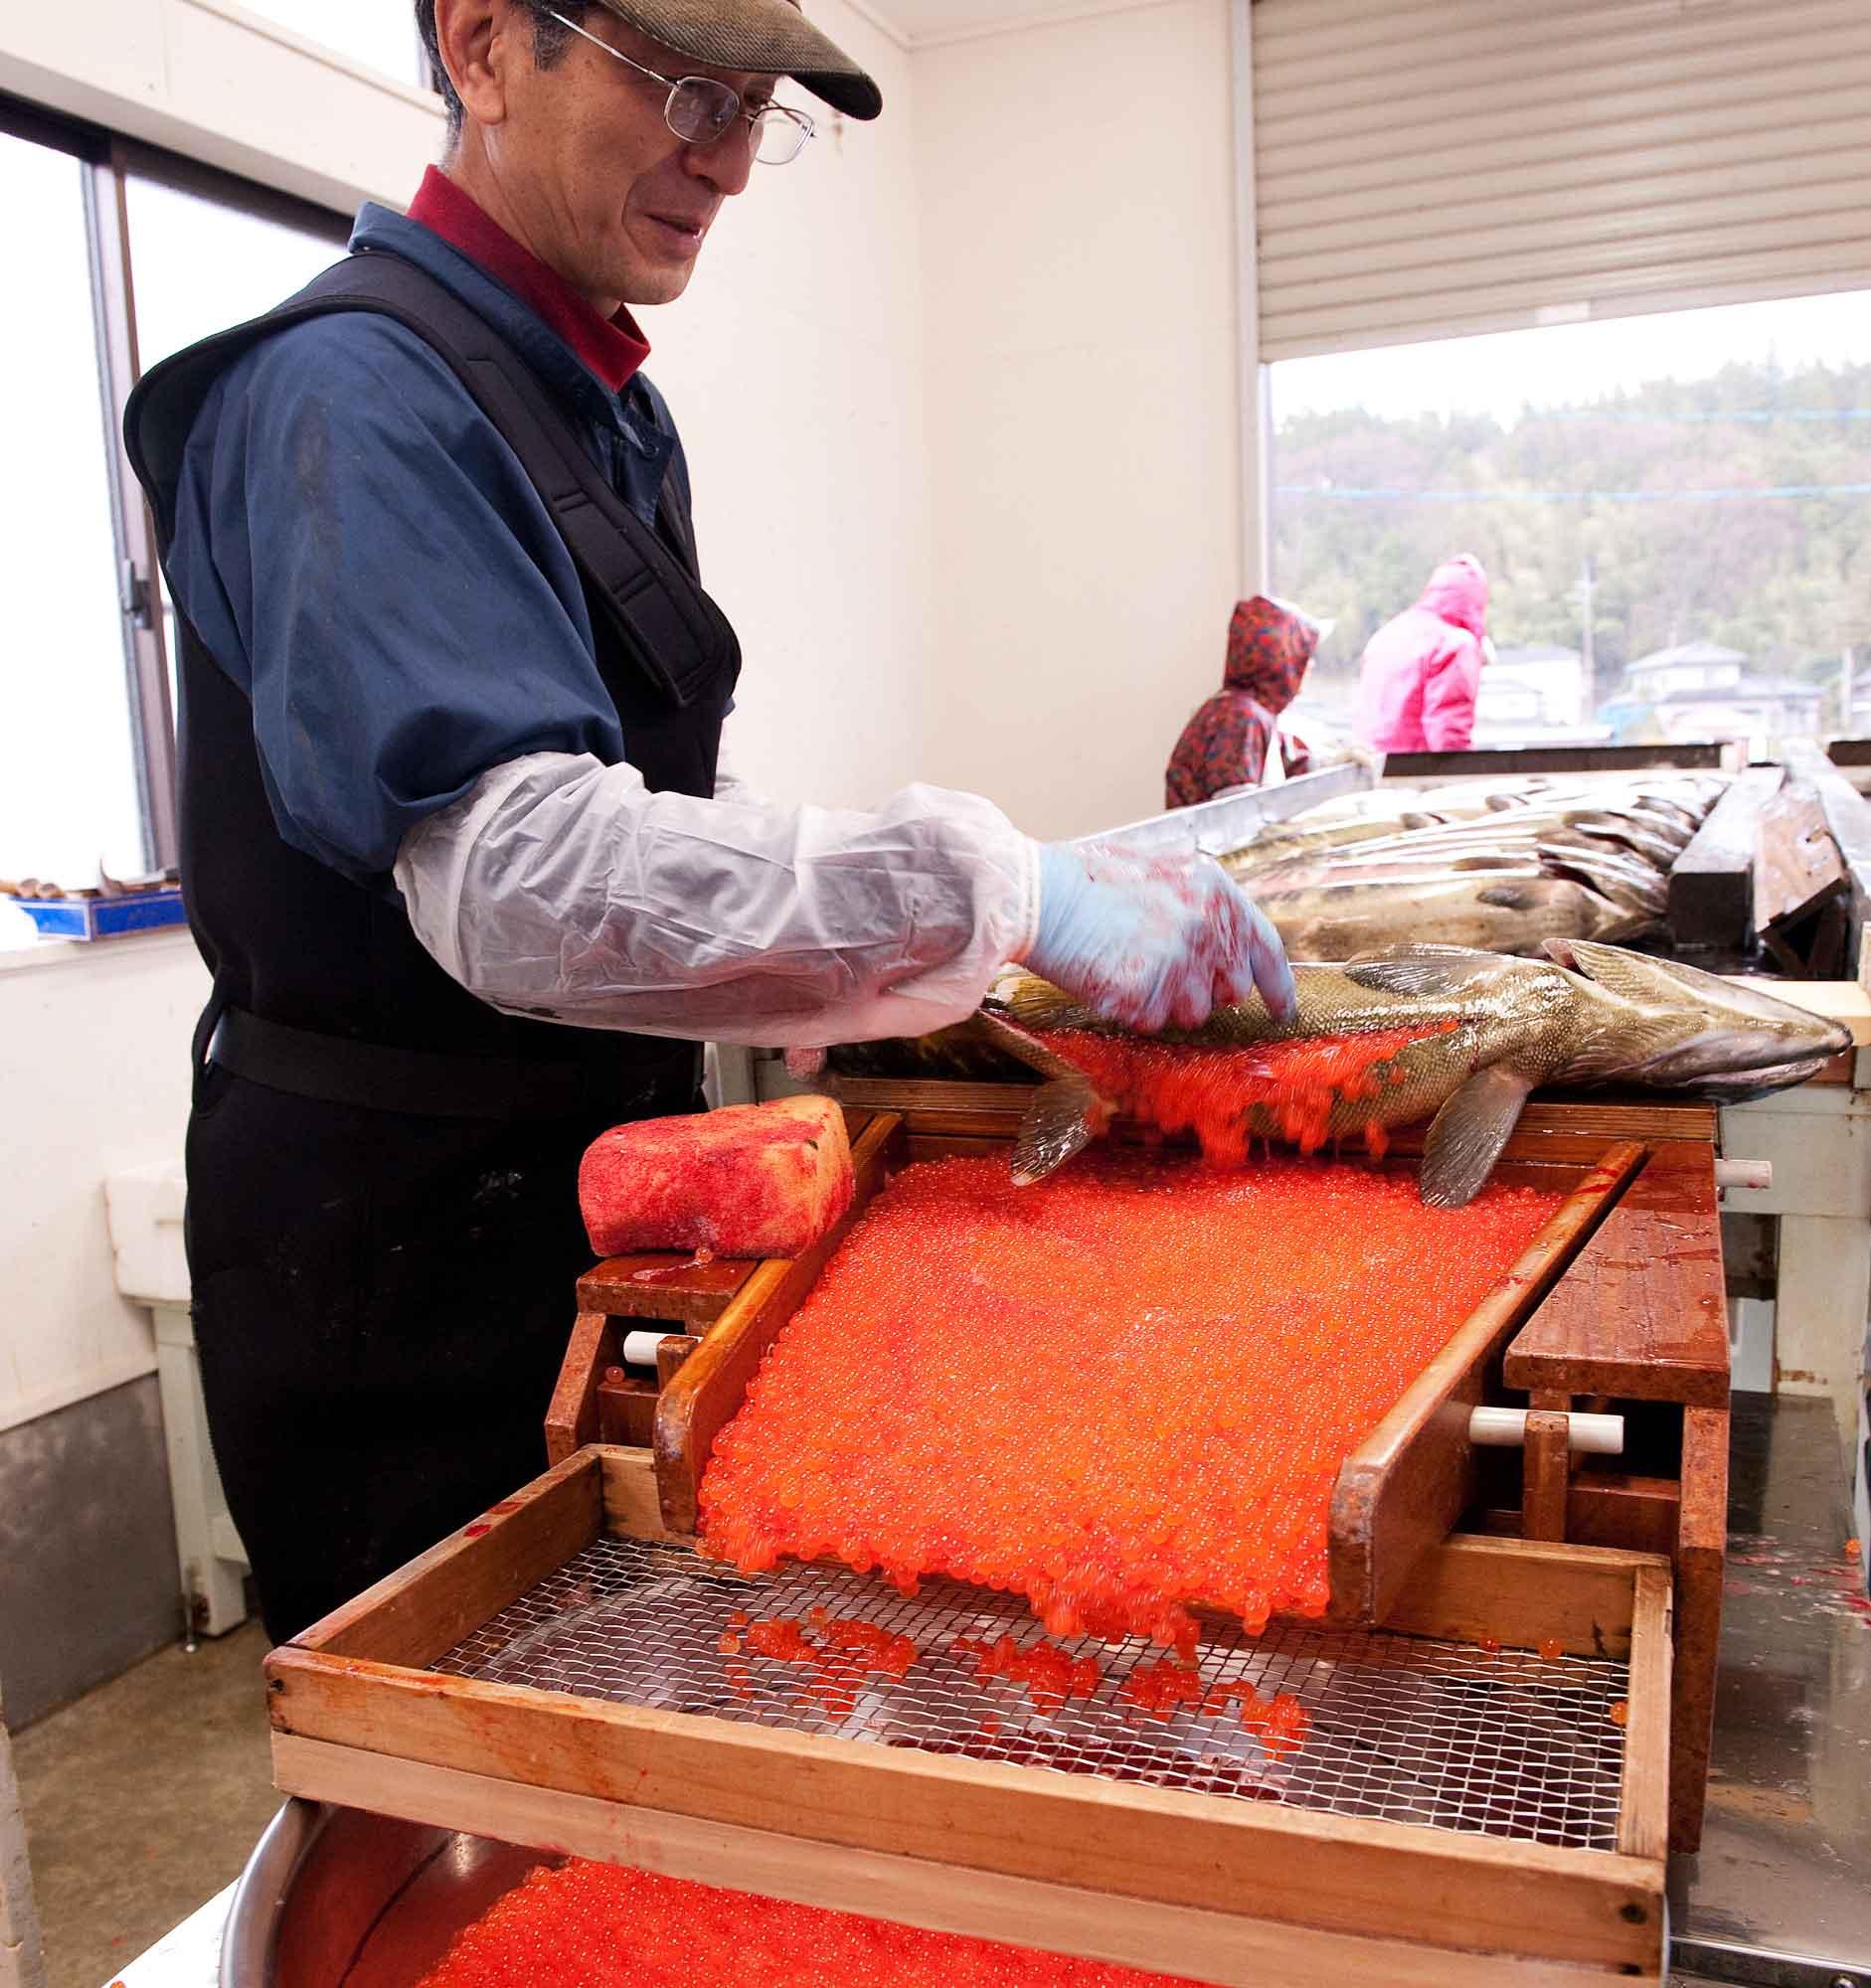 山形県アンテナショップおいしい山形 つくり手を訪ねて|雌のお腹から取り出す採卵をはじめ、流れ作業で処理された鮭は、すぐさまセンターに届けられます。